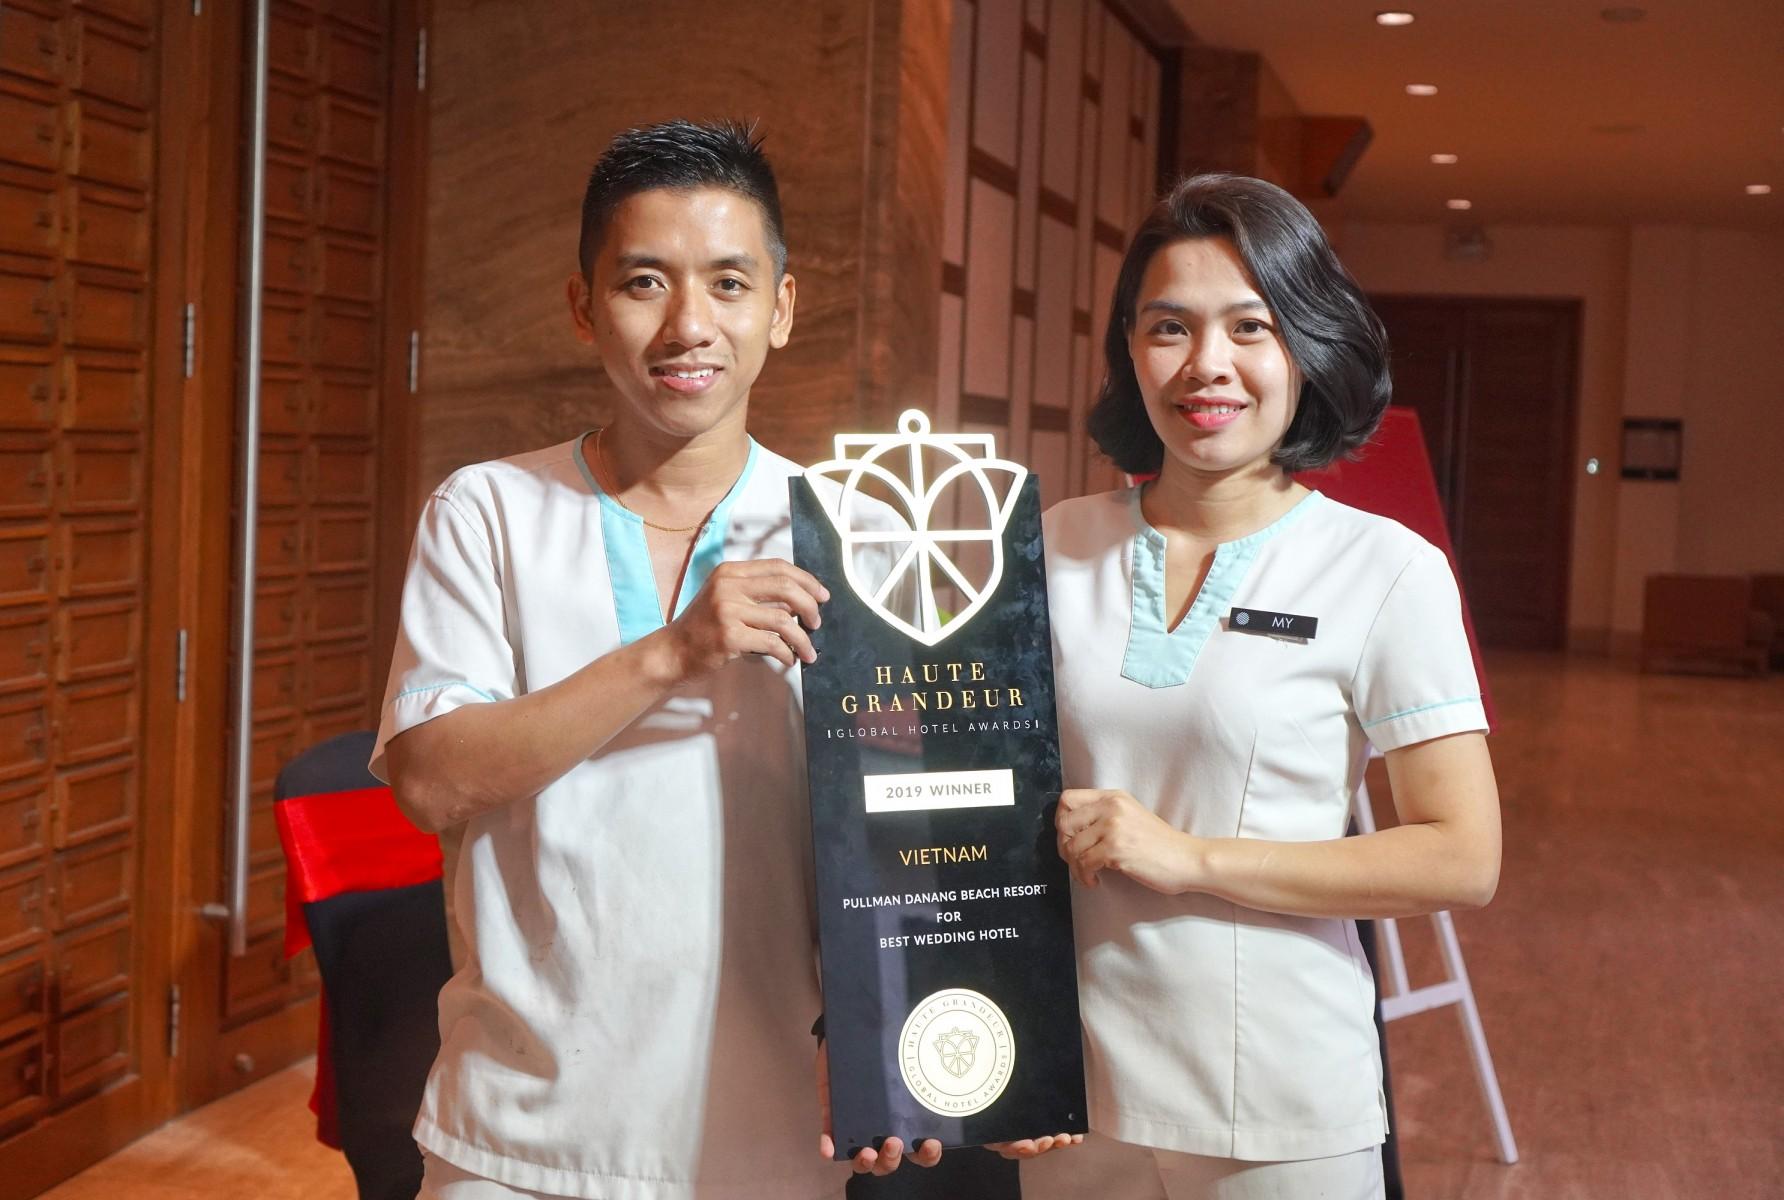 Pullman Danang chiến Thắng 3 Giải Thưởng Quan Trọng Tại Haute Grandeur Awards 2019